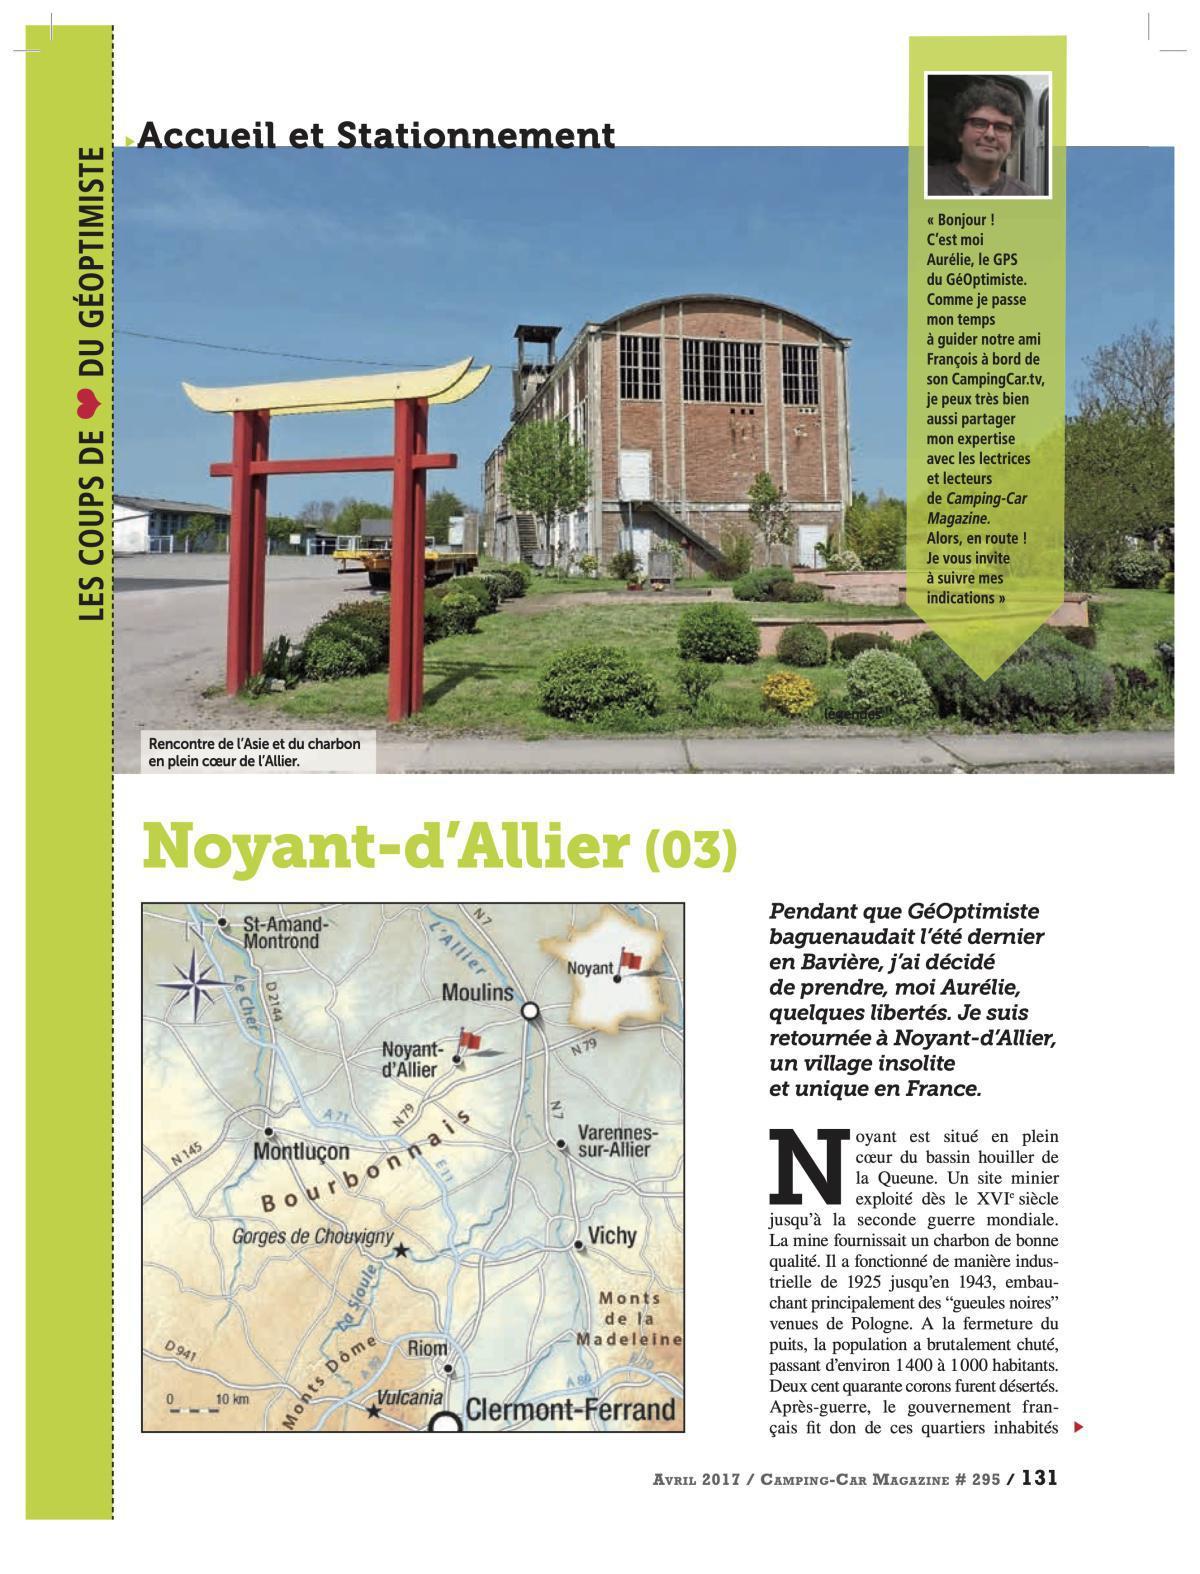 Noyant-d'Allier - CCM 295